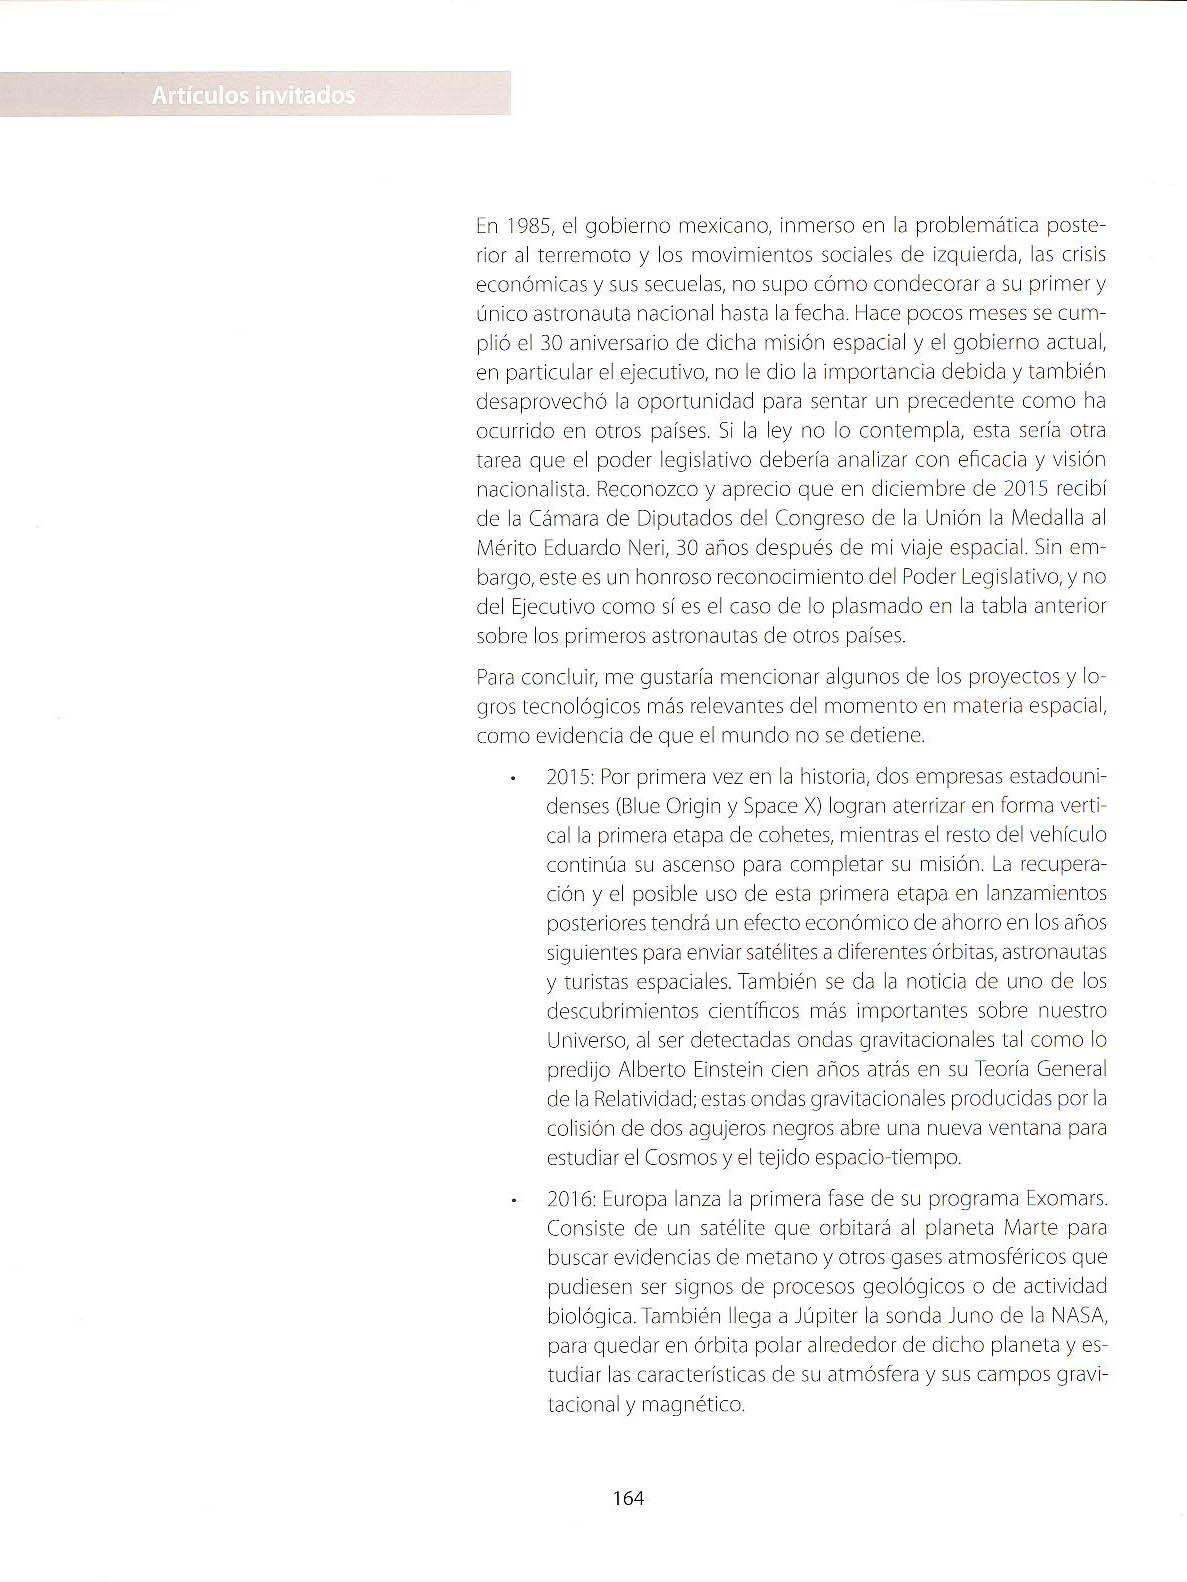 México, un país con derecho a tecnología propia 164